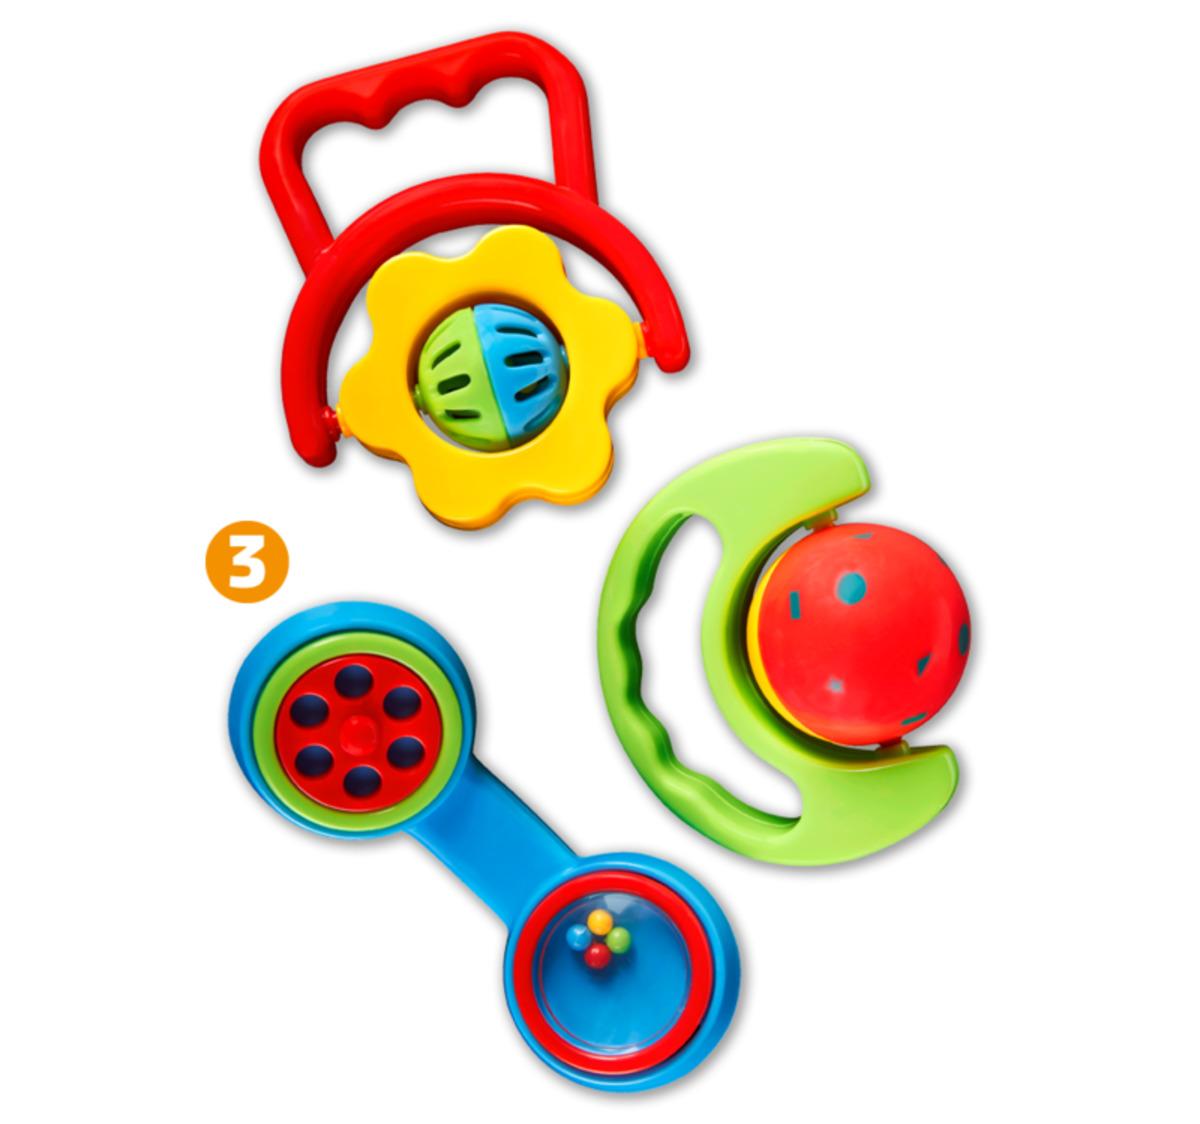 Bild 4 von SIMBA Baby-ABC-Spielzeug